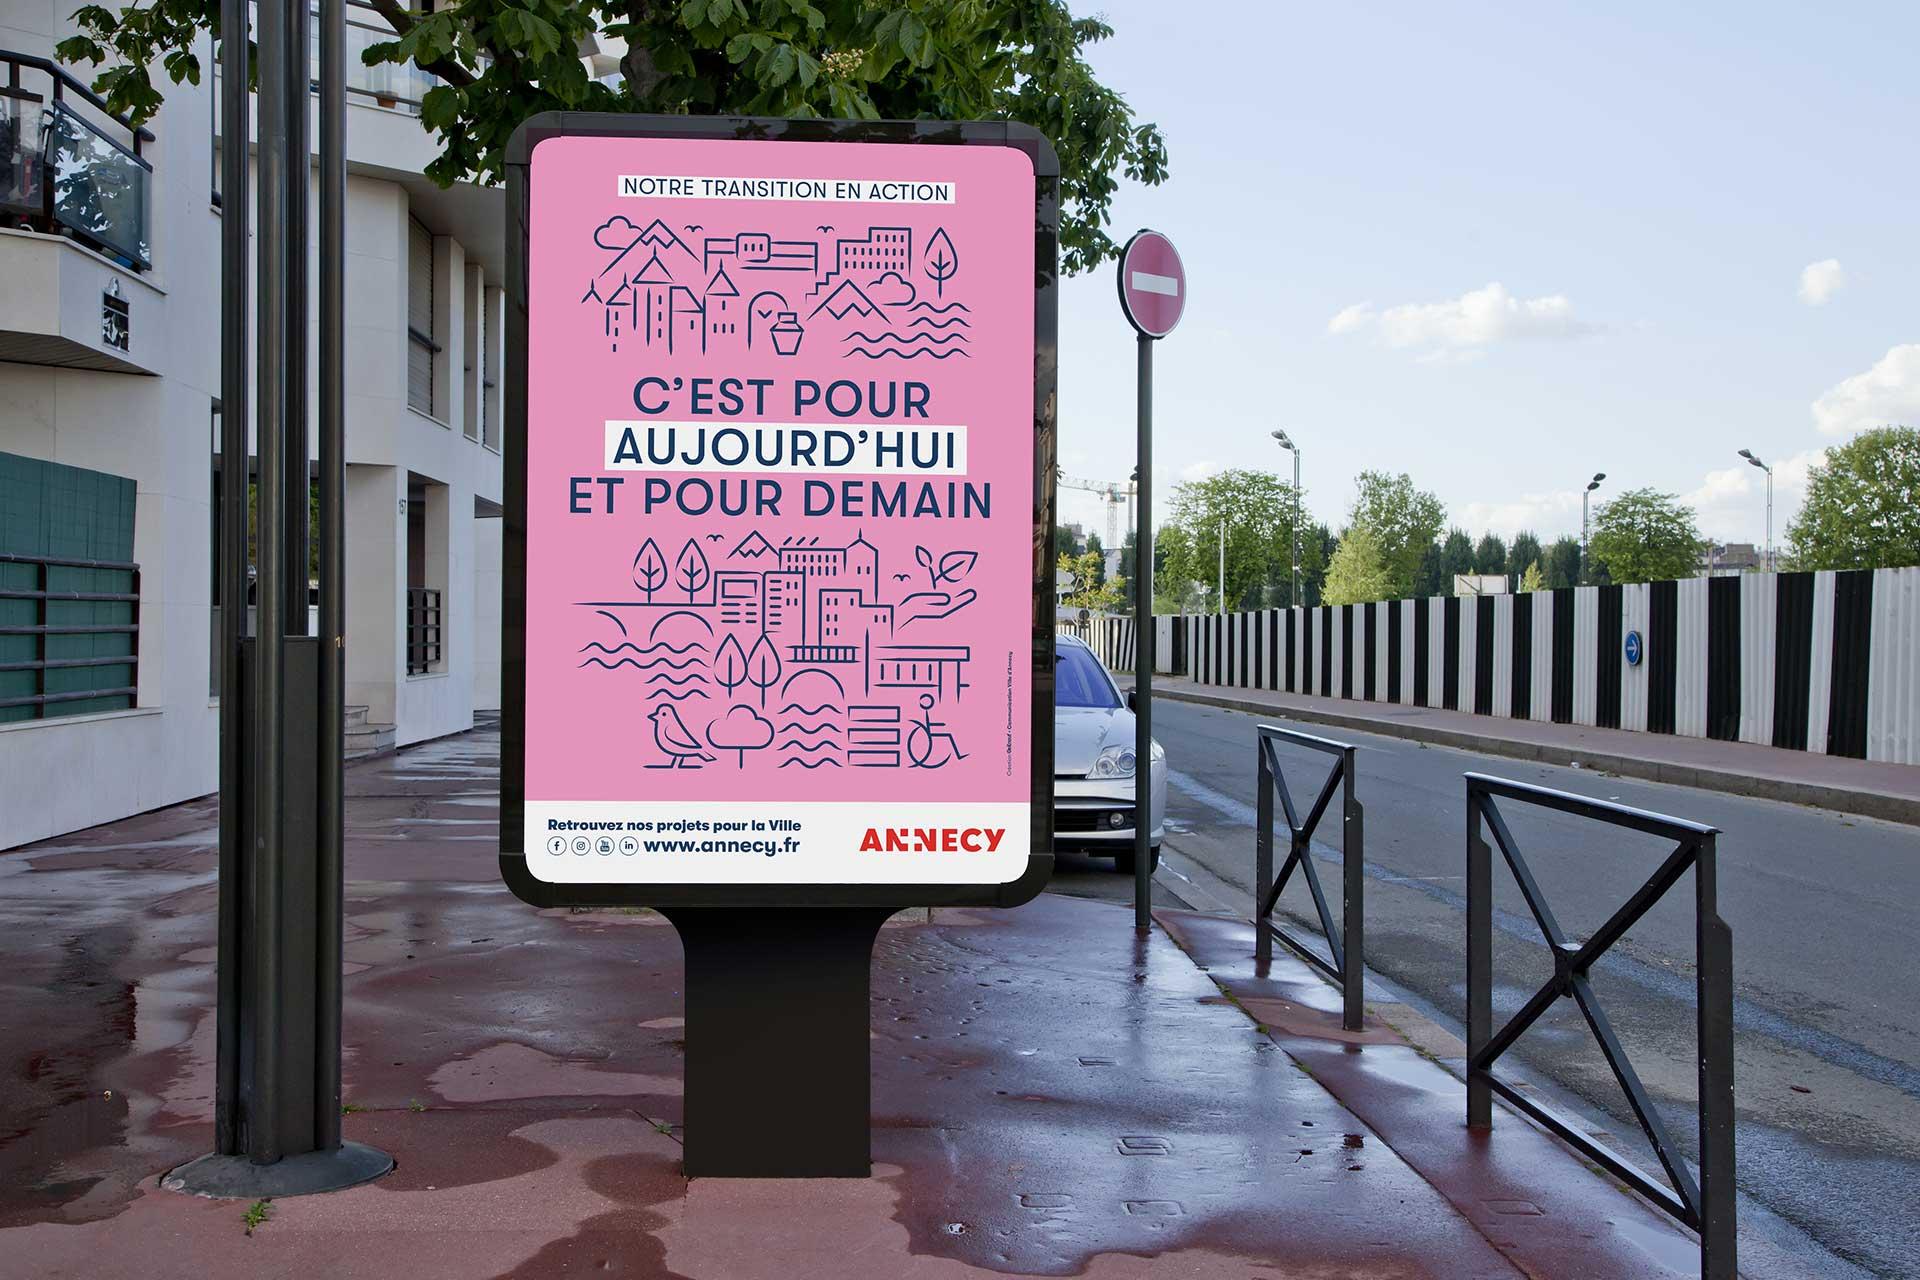 Campagne projet de ville d'Annecy